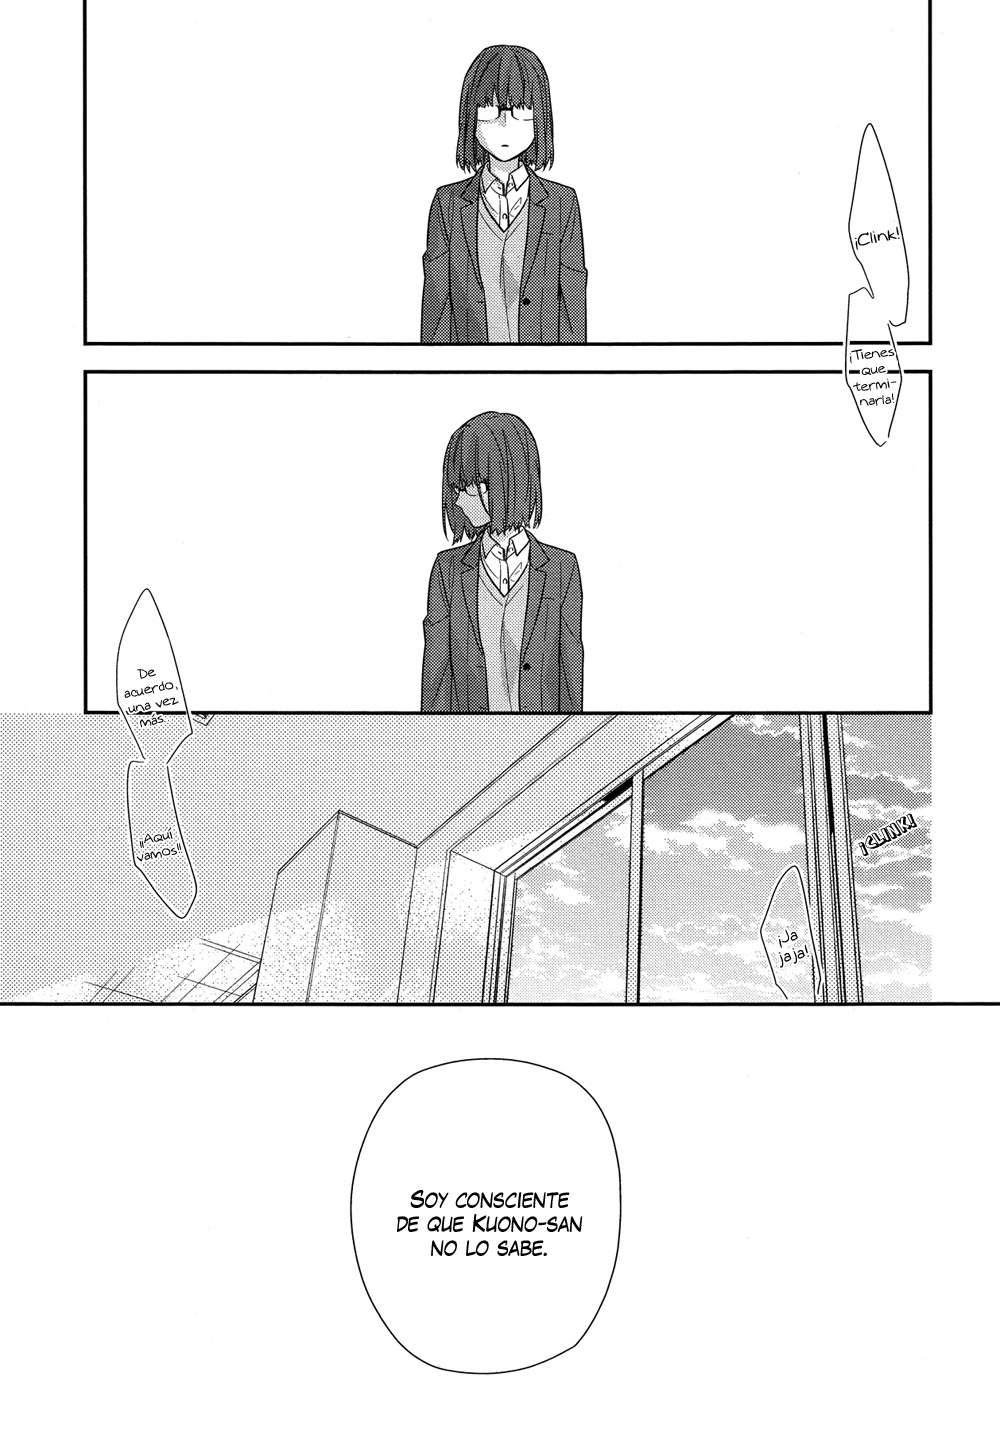 http://c5.ninemanga.com/es_manga/19/1043/434711/97fdd4845ad73d52f7a94b86cf898fe7.jpg Page 8